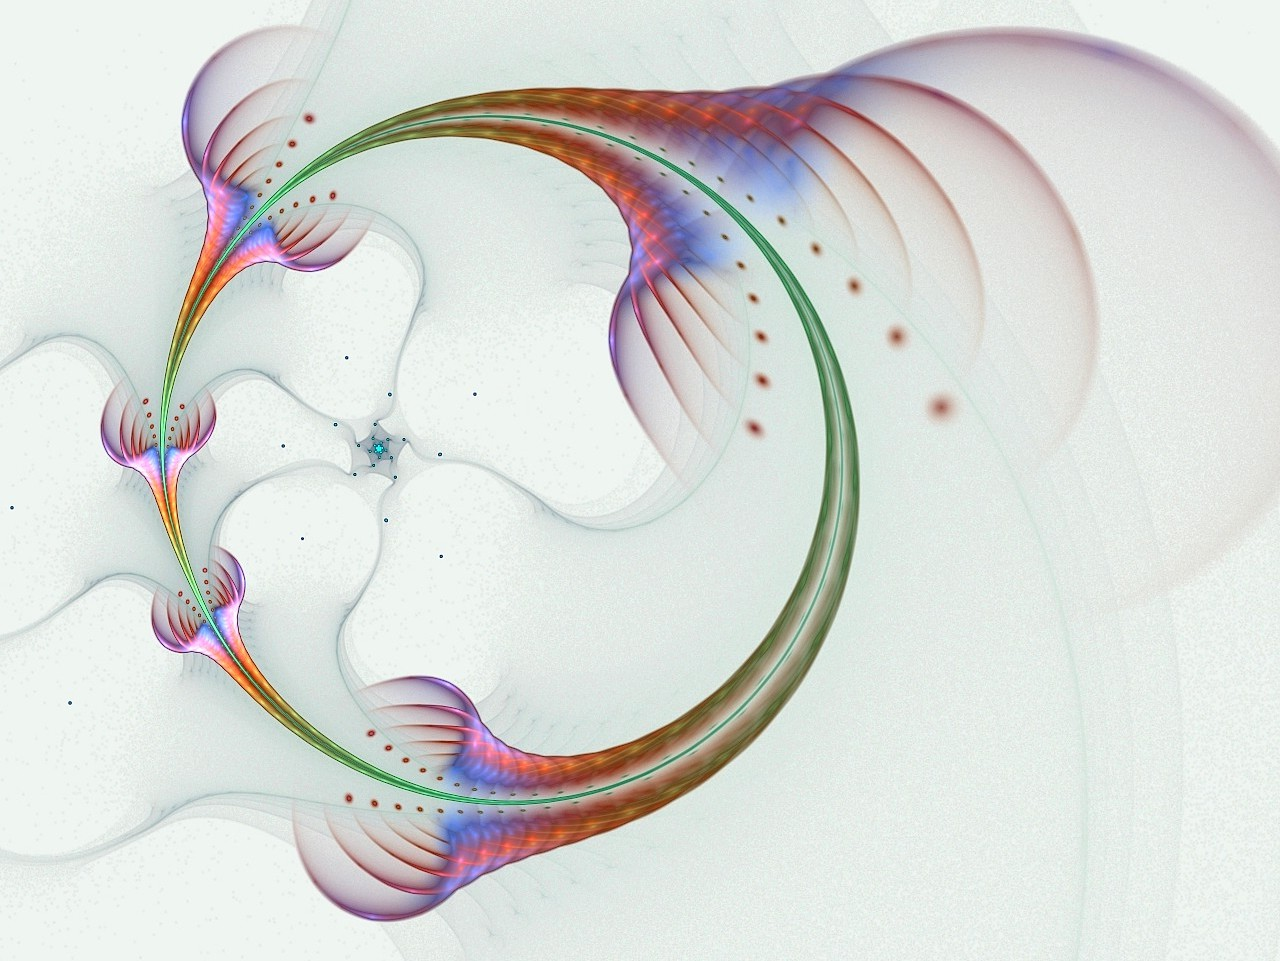 Gyroscope by eReSaW